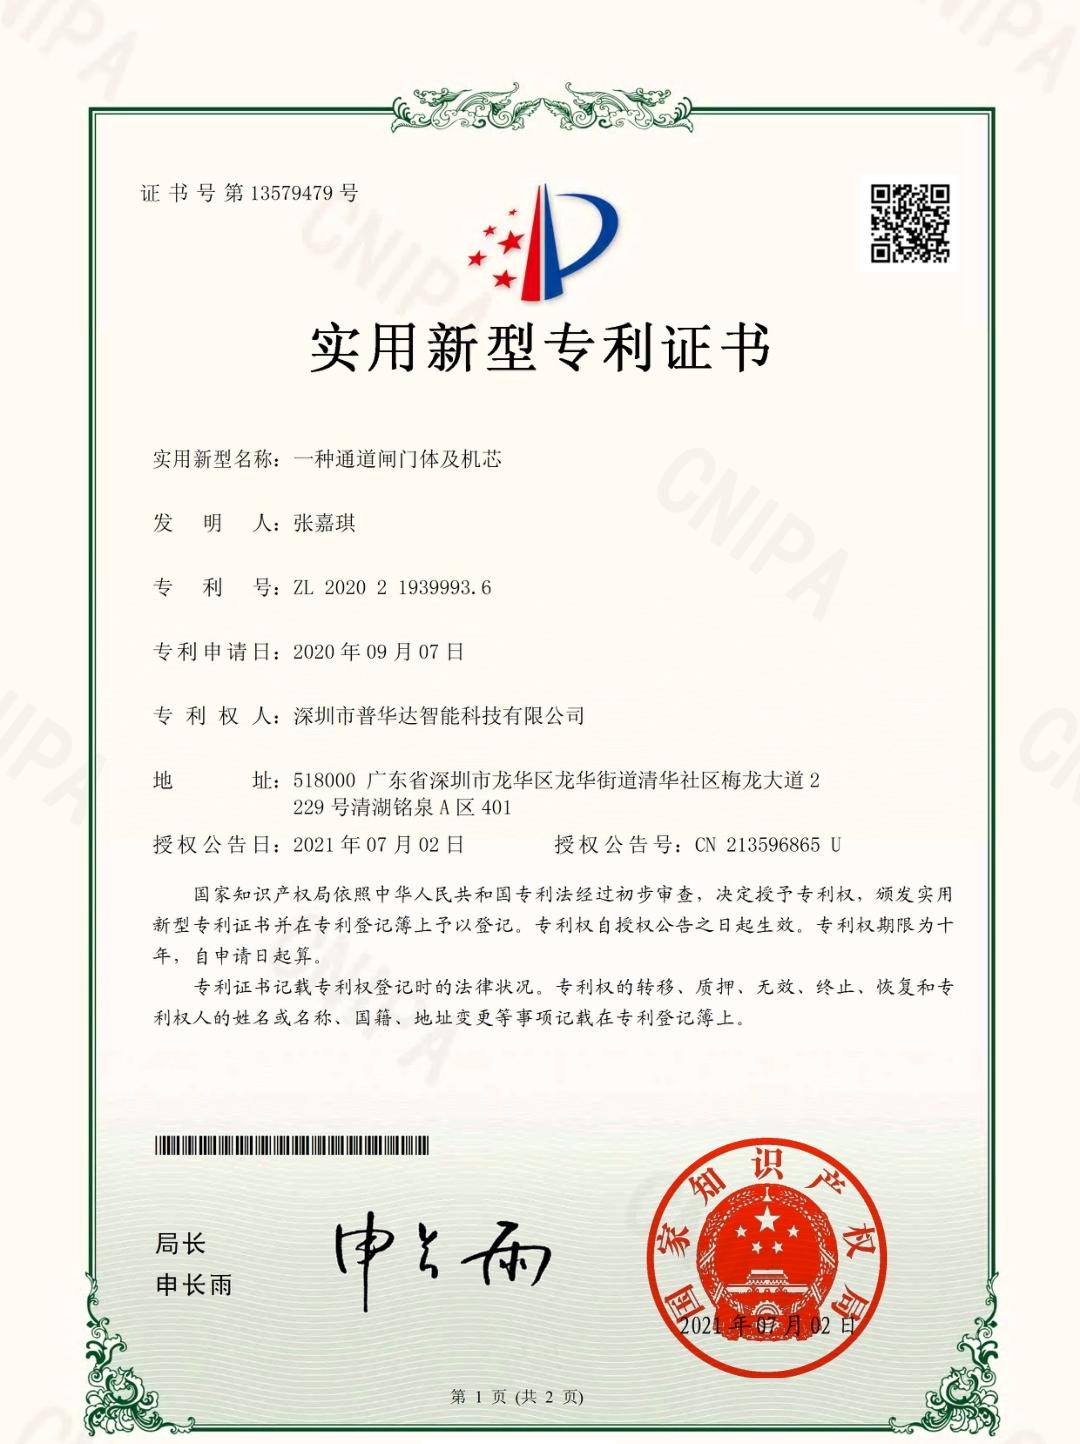 闸机实用新型专利证书 (4)